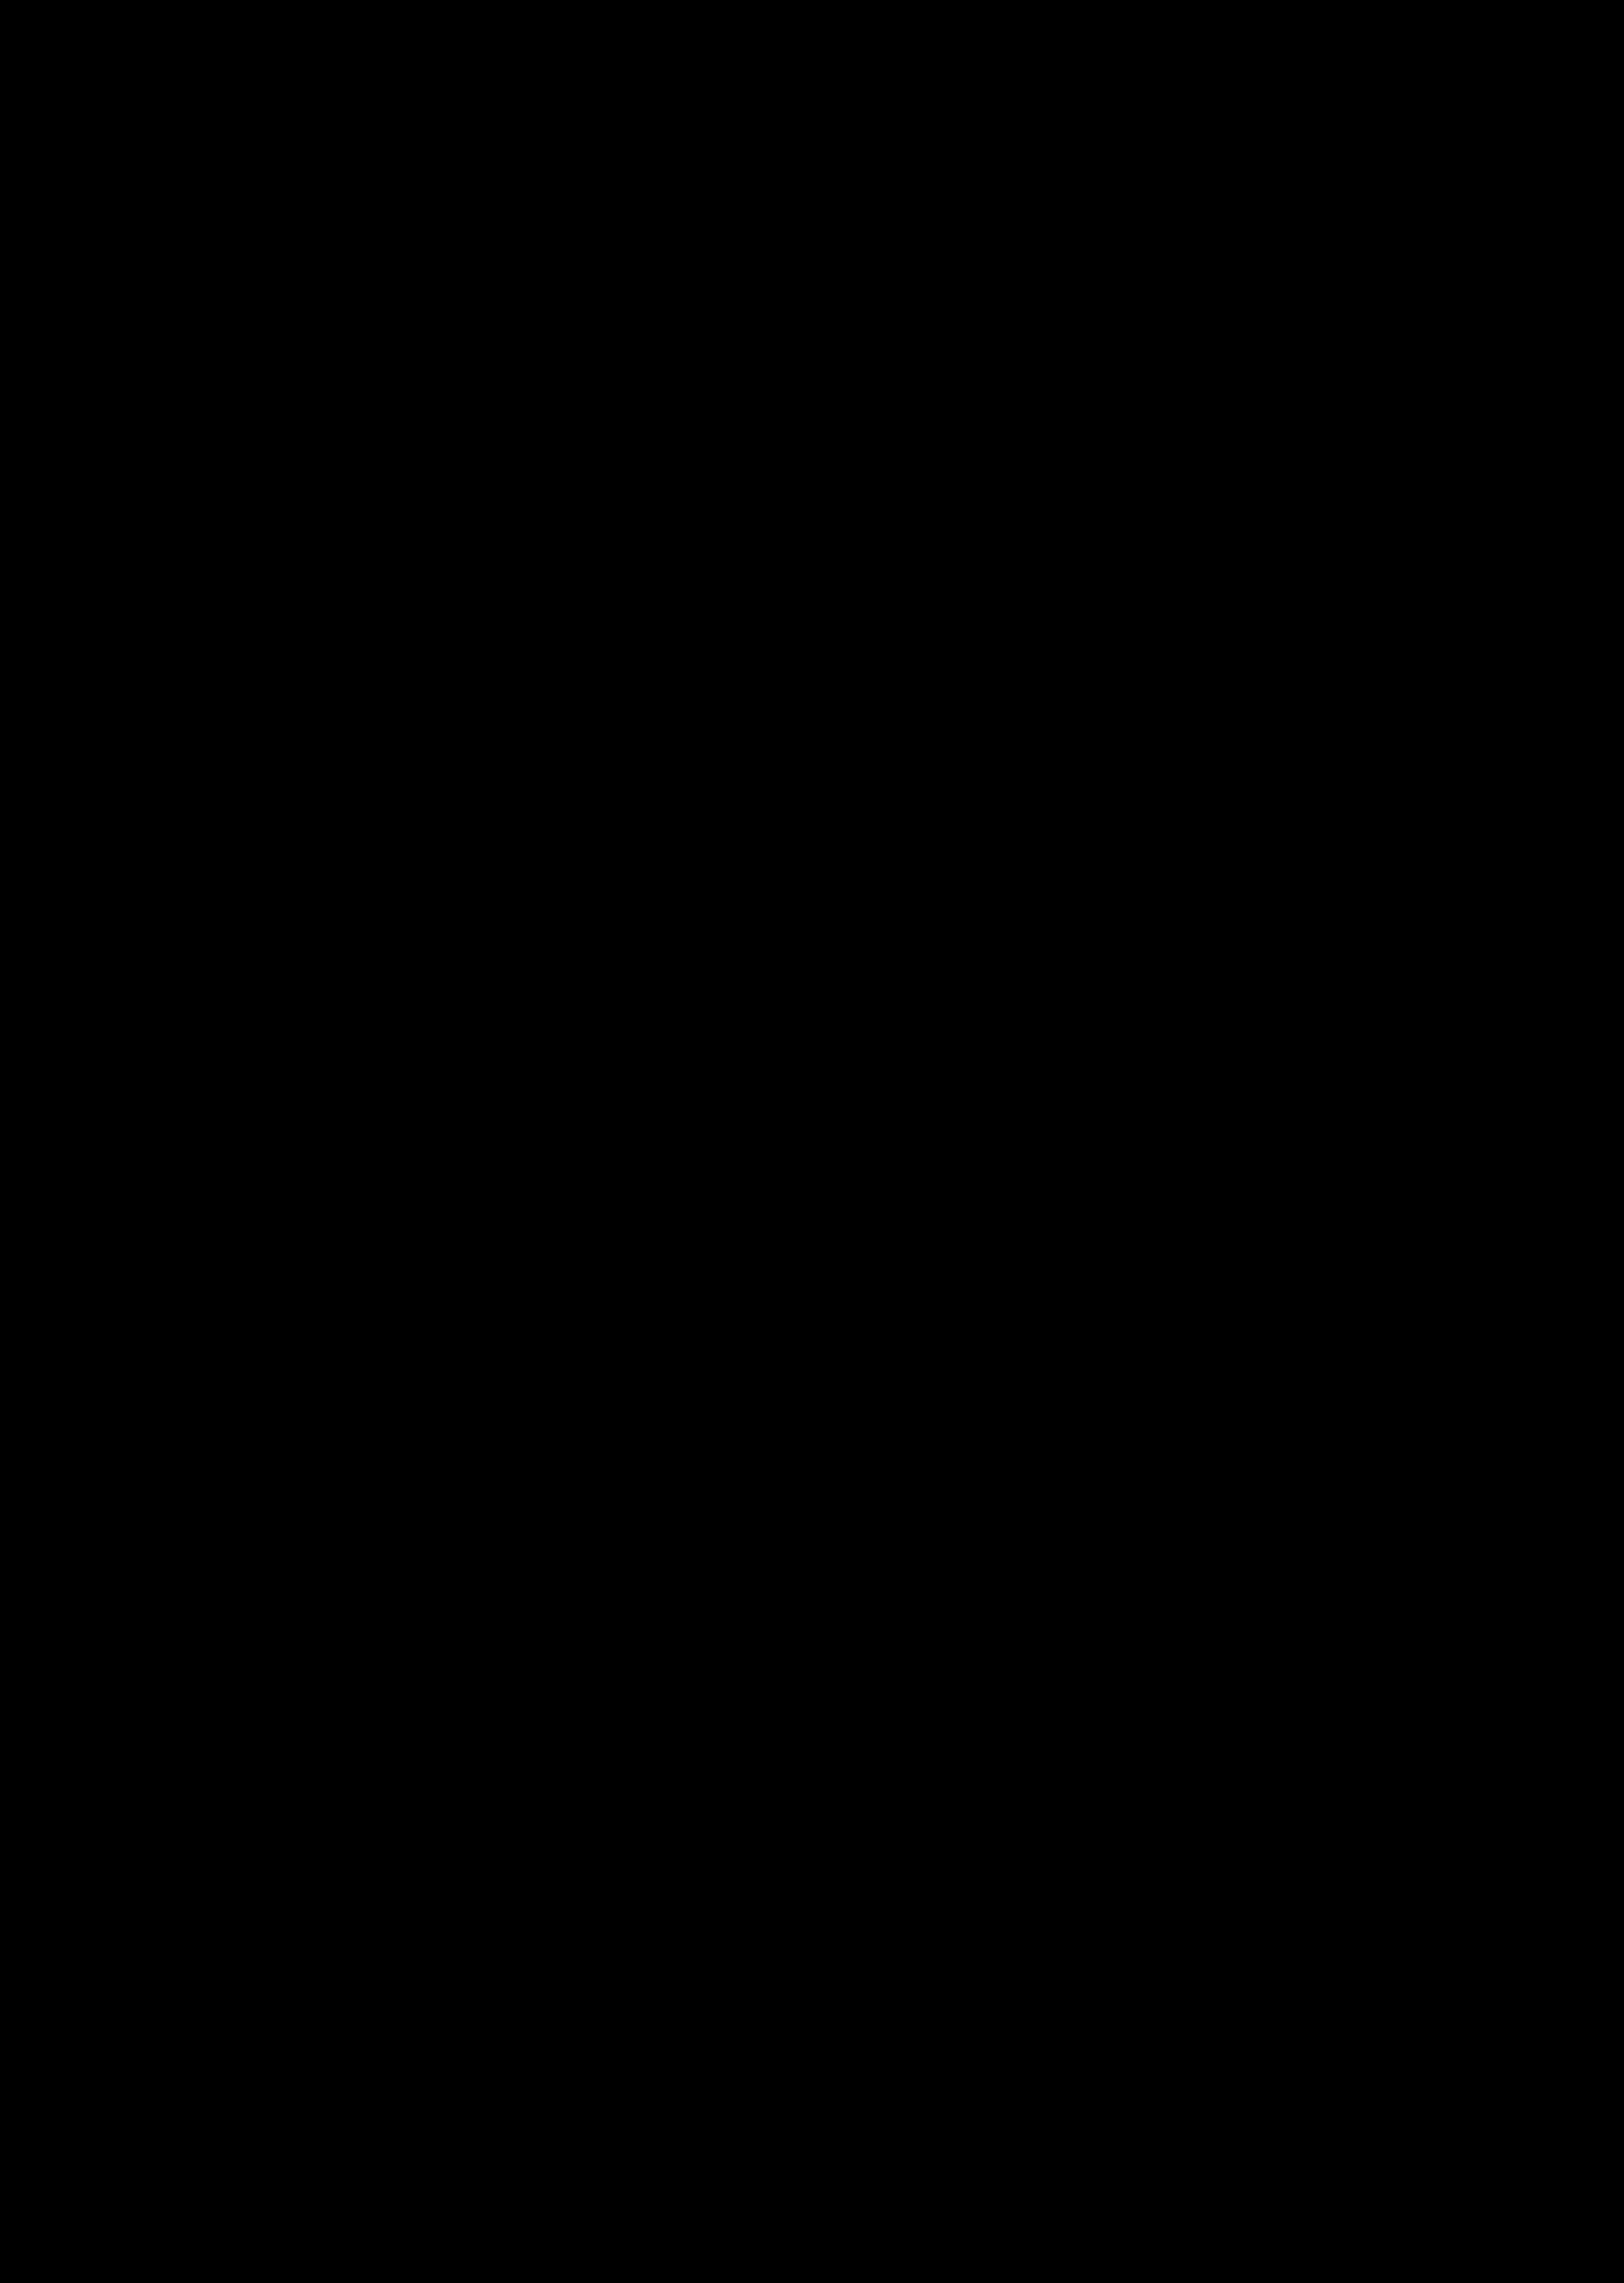 CFDT-CULTURE - Droits des femmes